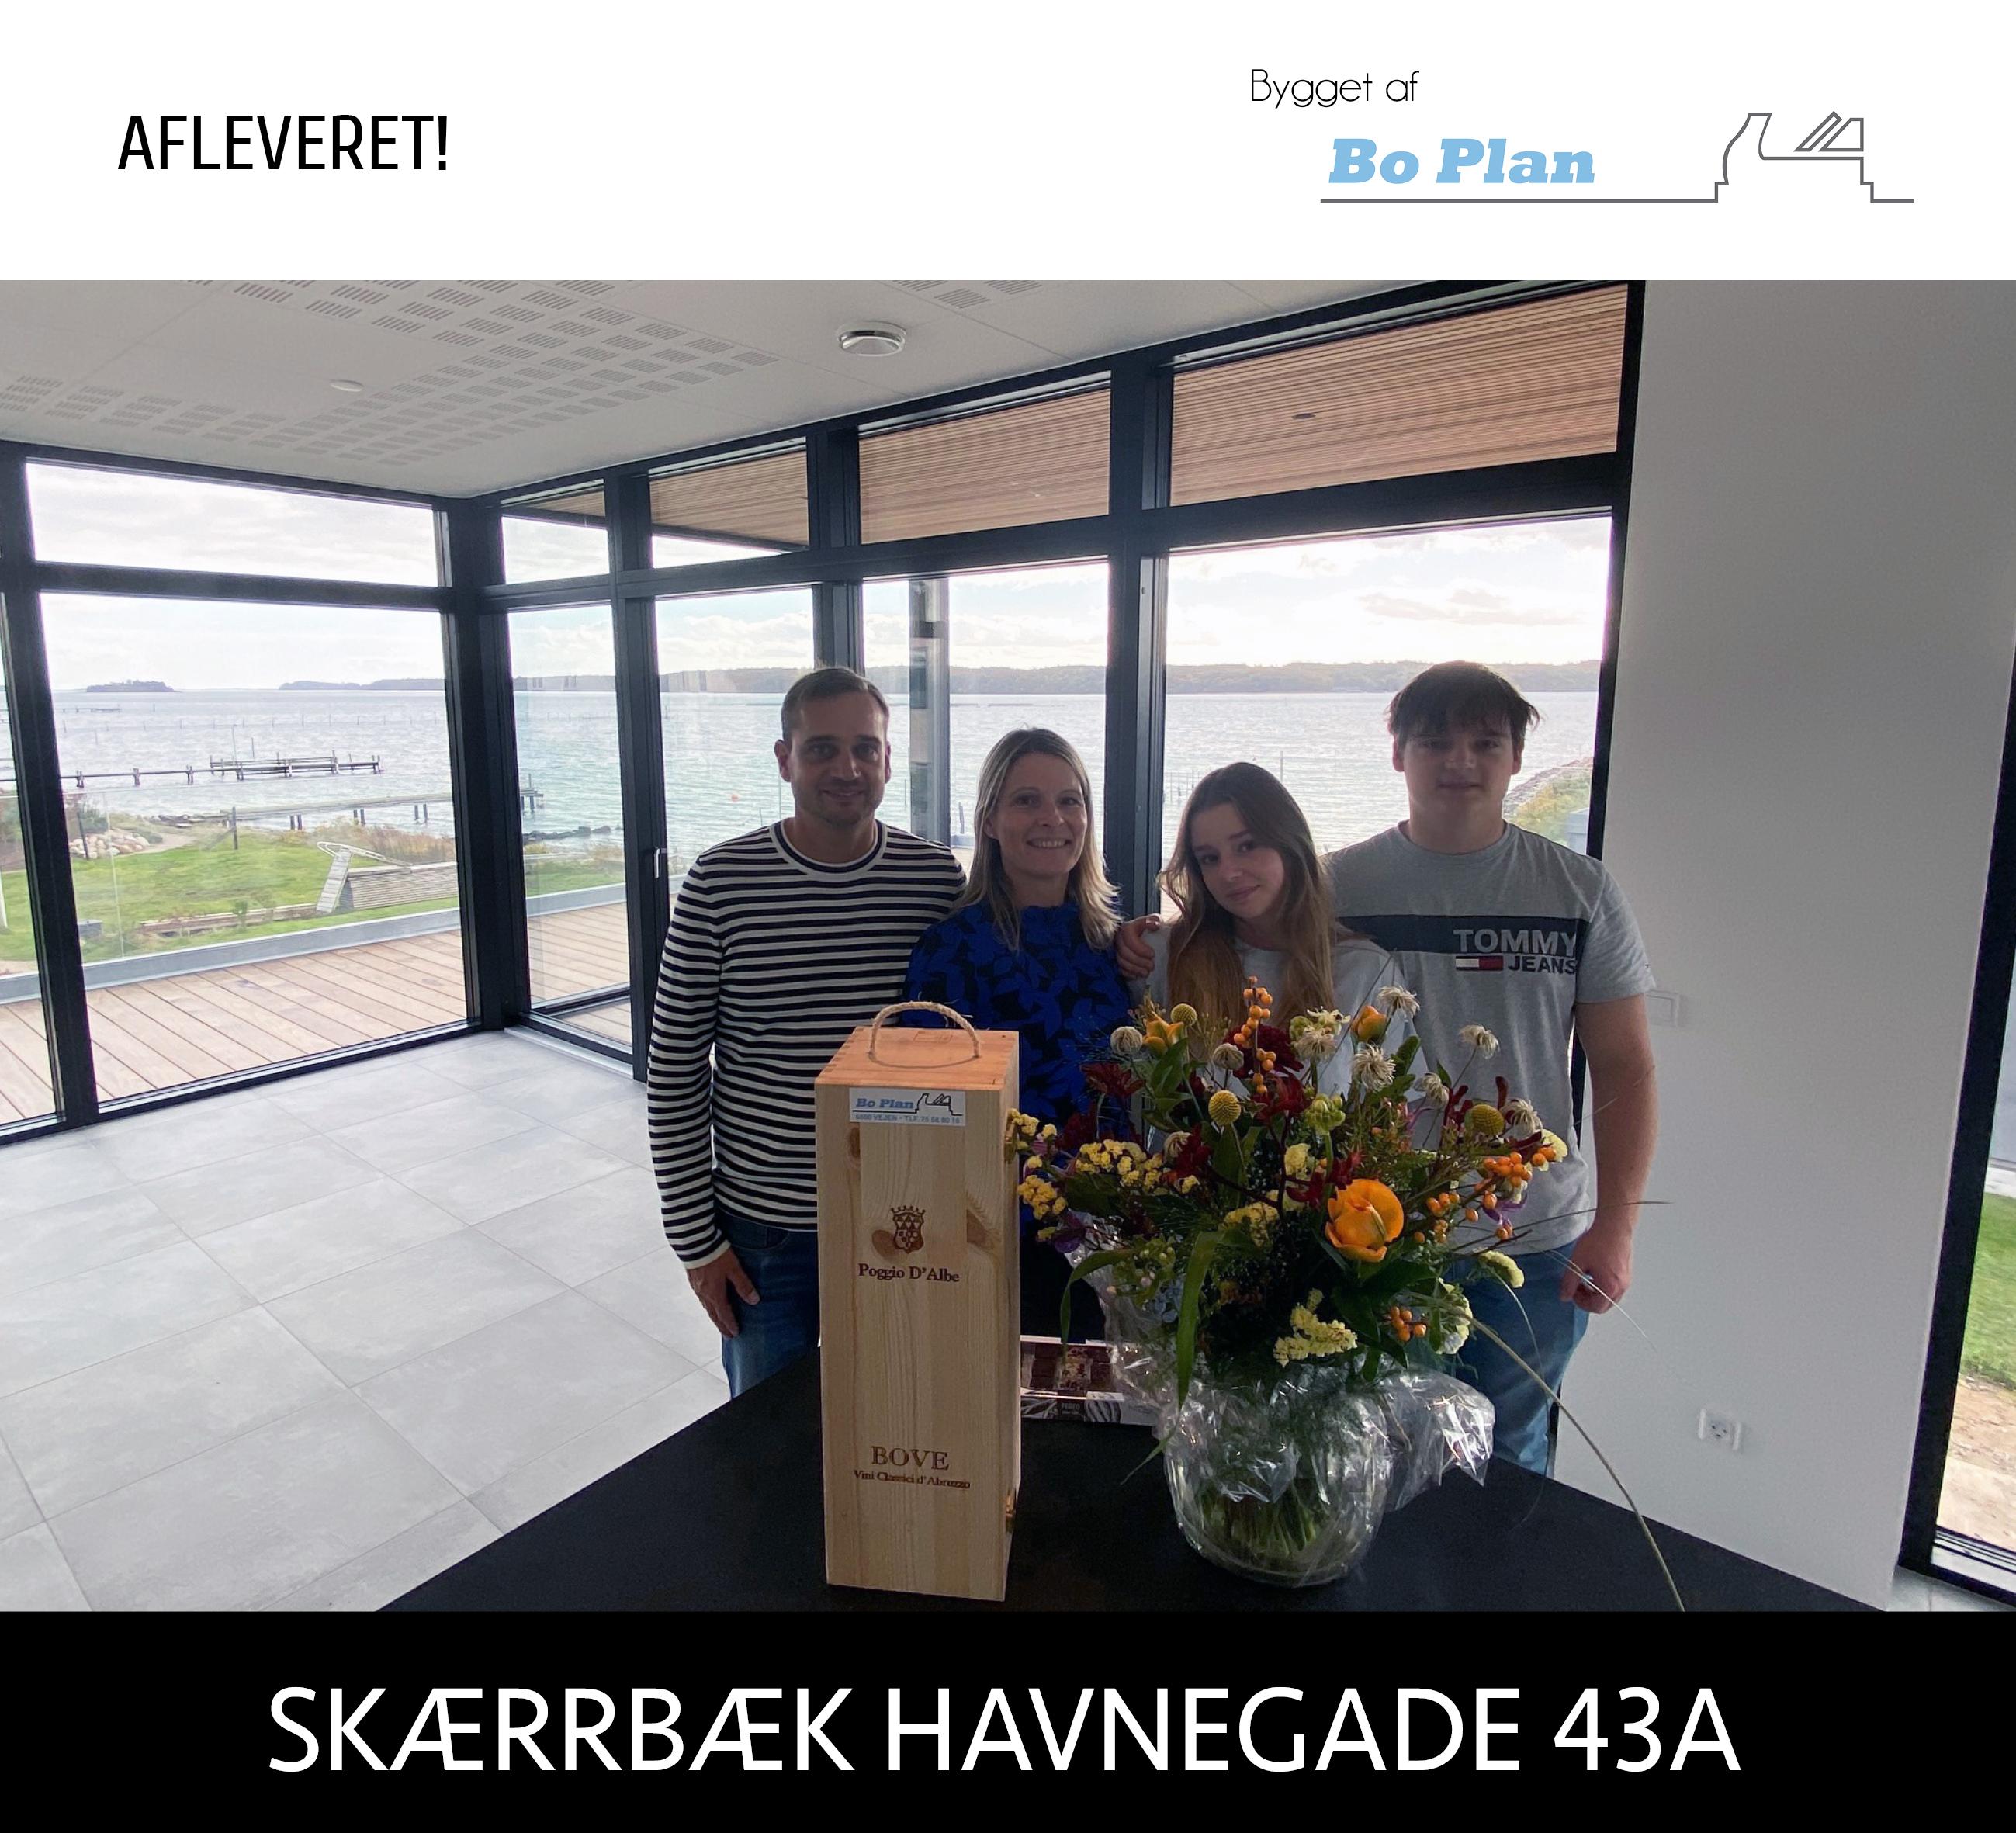 Skærbæk_Havnegade_43A_afleveret3